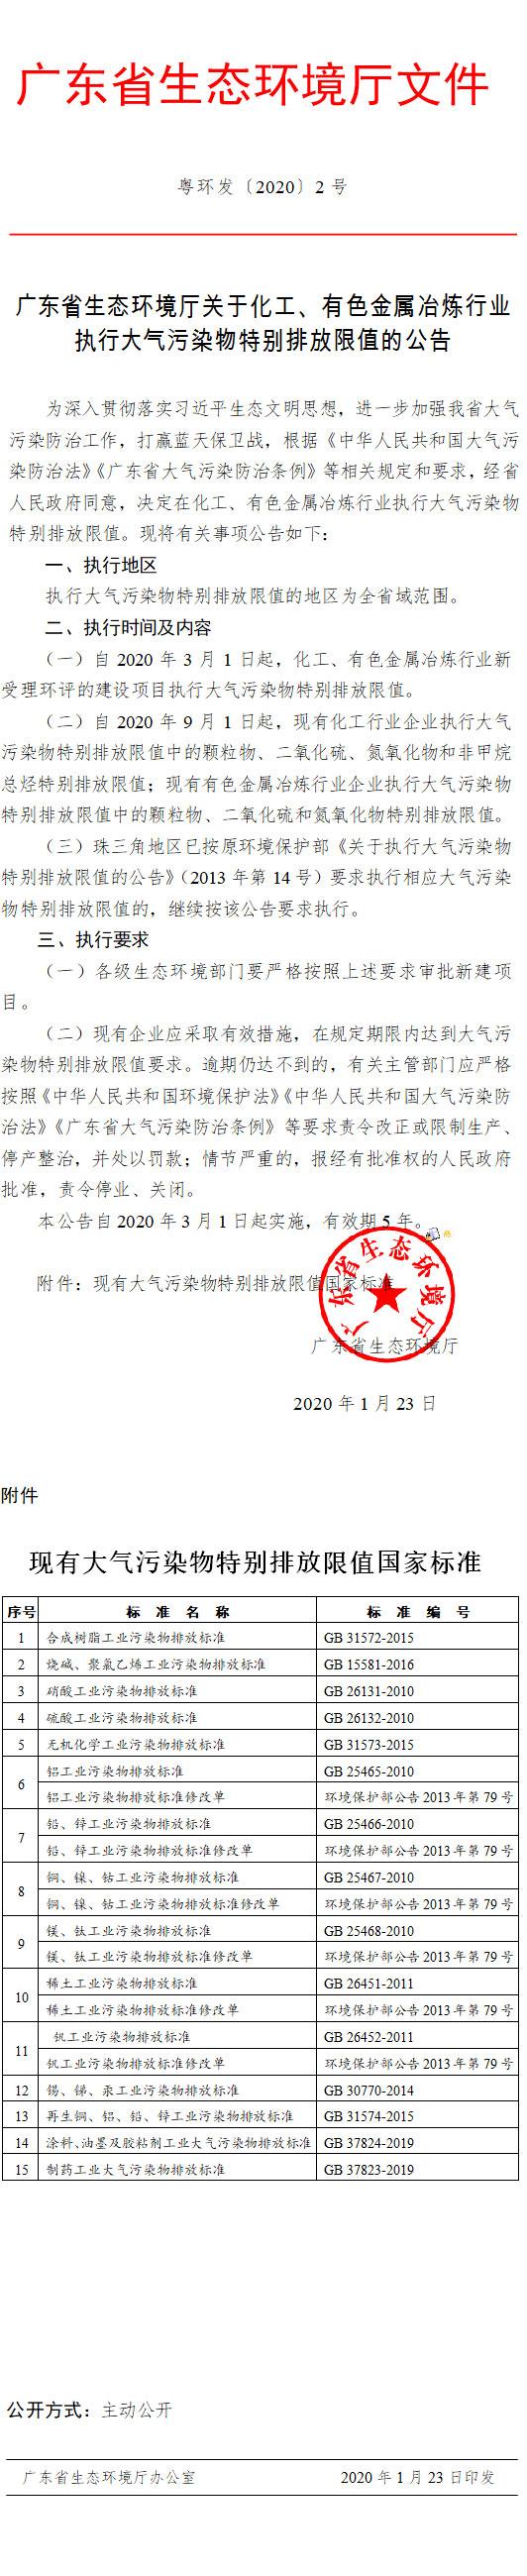 广东省生态环境厅关于化工、有色金属冶炼行业执行大气污染物特别排放限值的公告